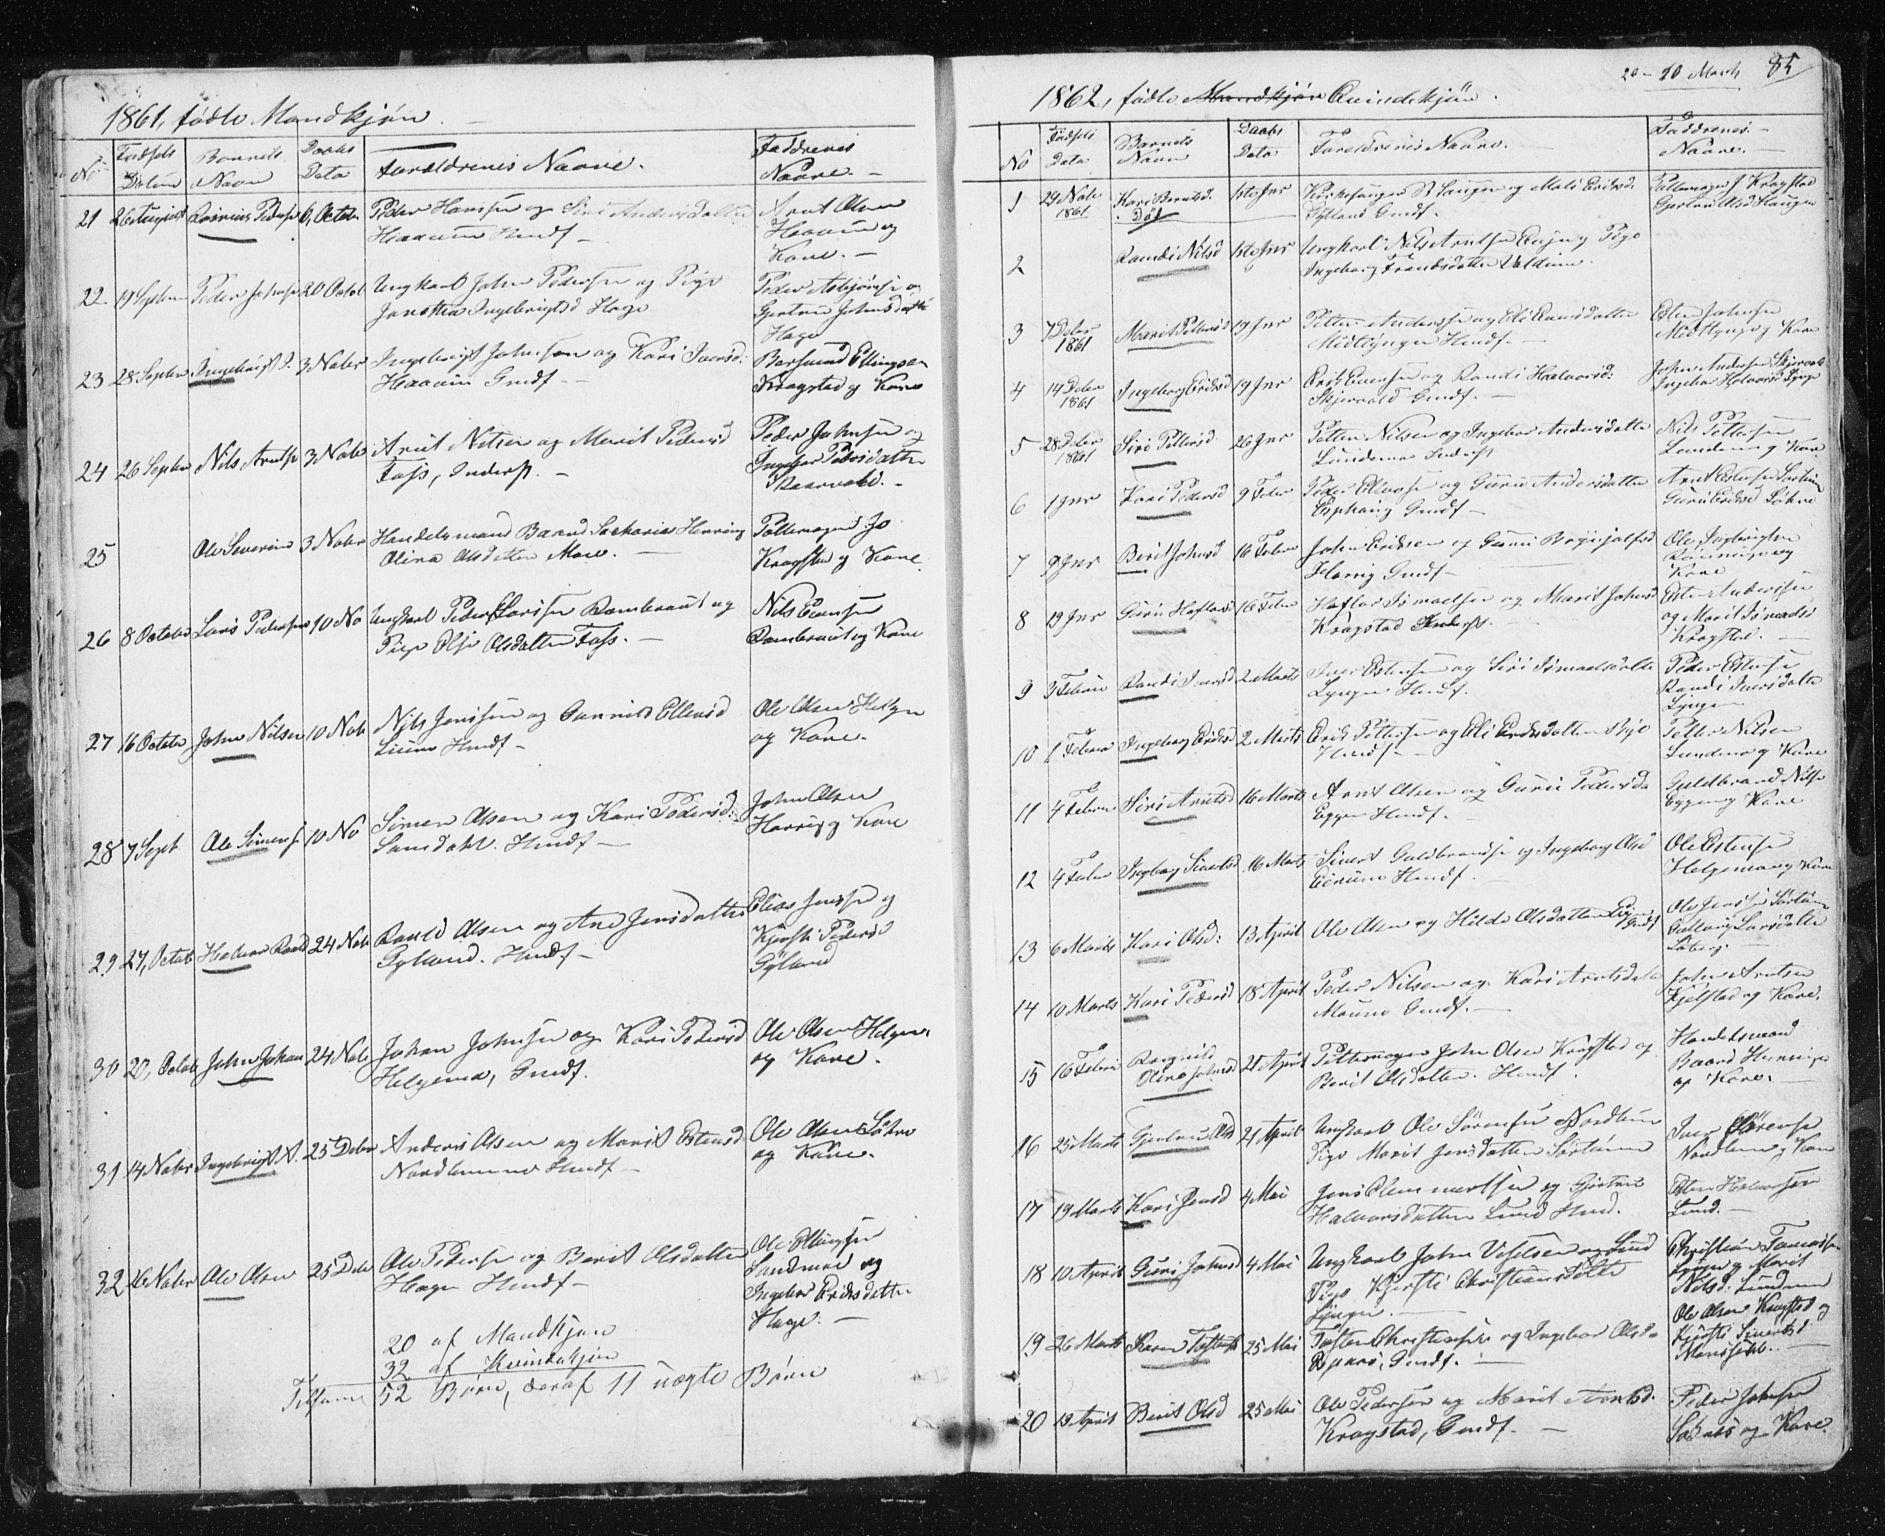 SAT, Ministerialprotokoller, klokkerbøker og fødselsregistre - Sør-Trøndelag, 692/L1110: Klokkerbok nr. 692C05, 1849-1889, s. 85